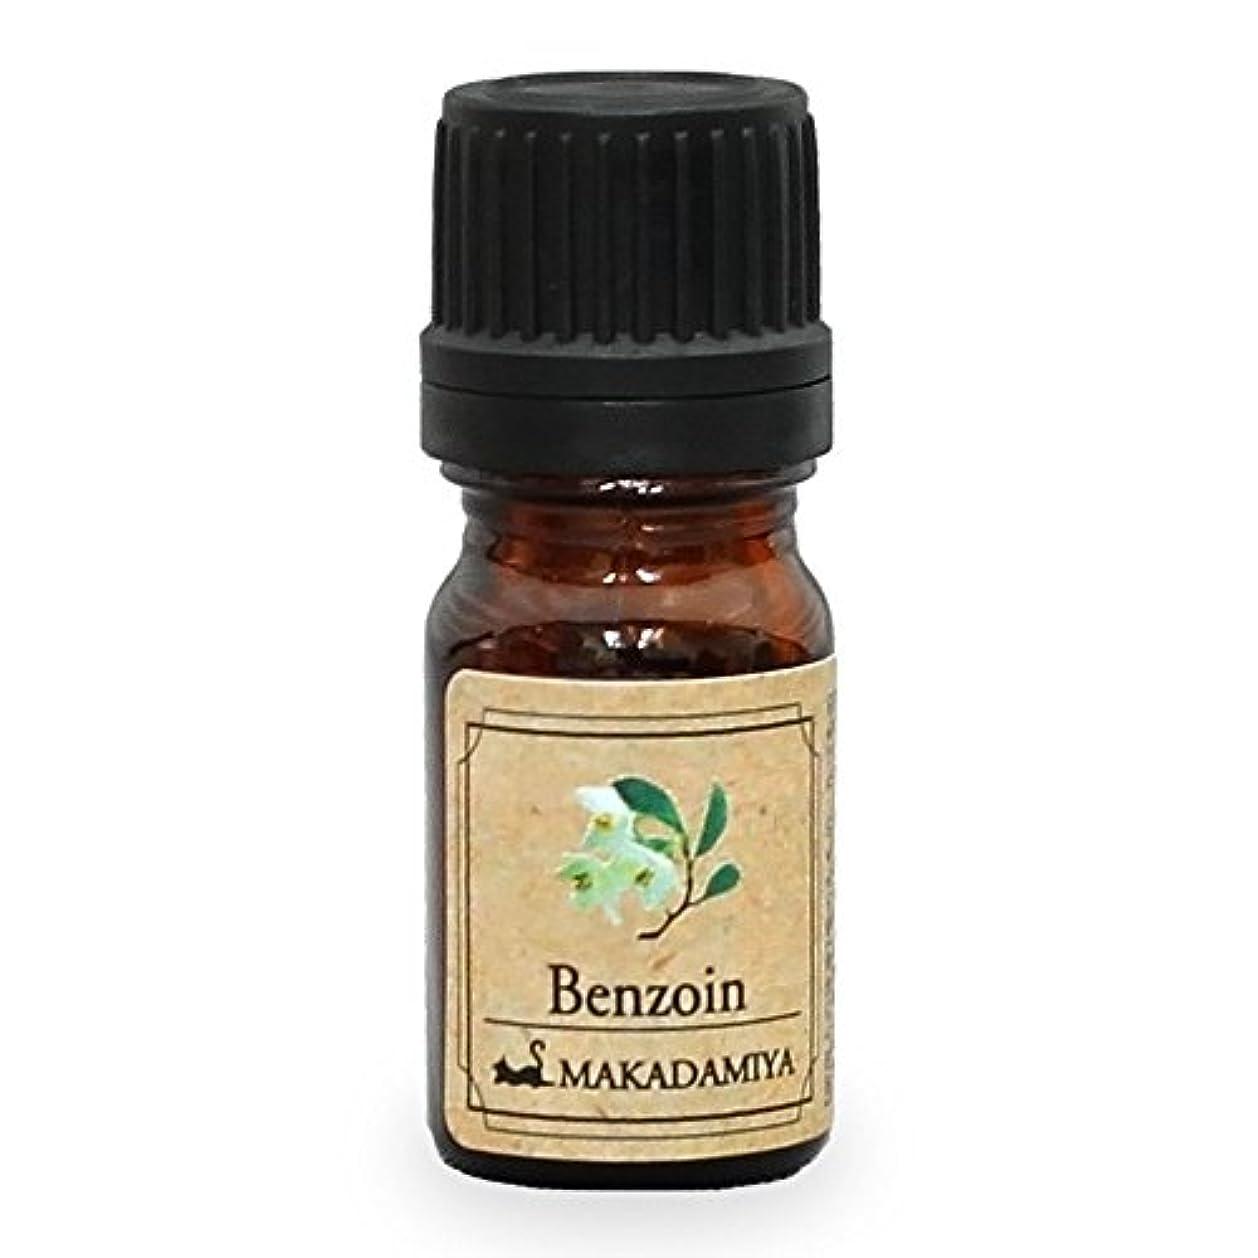 市民即席パイントベンゾイン5ml天然100%植物性エッセンシャルオイル(精油)アロマオイルアロママッサージアロマテラピーaroma Benzoin